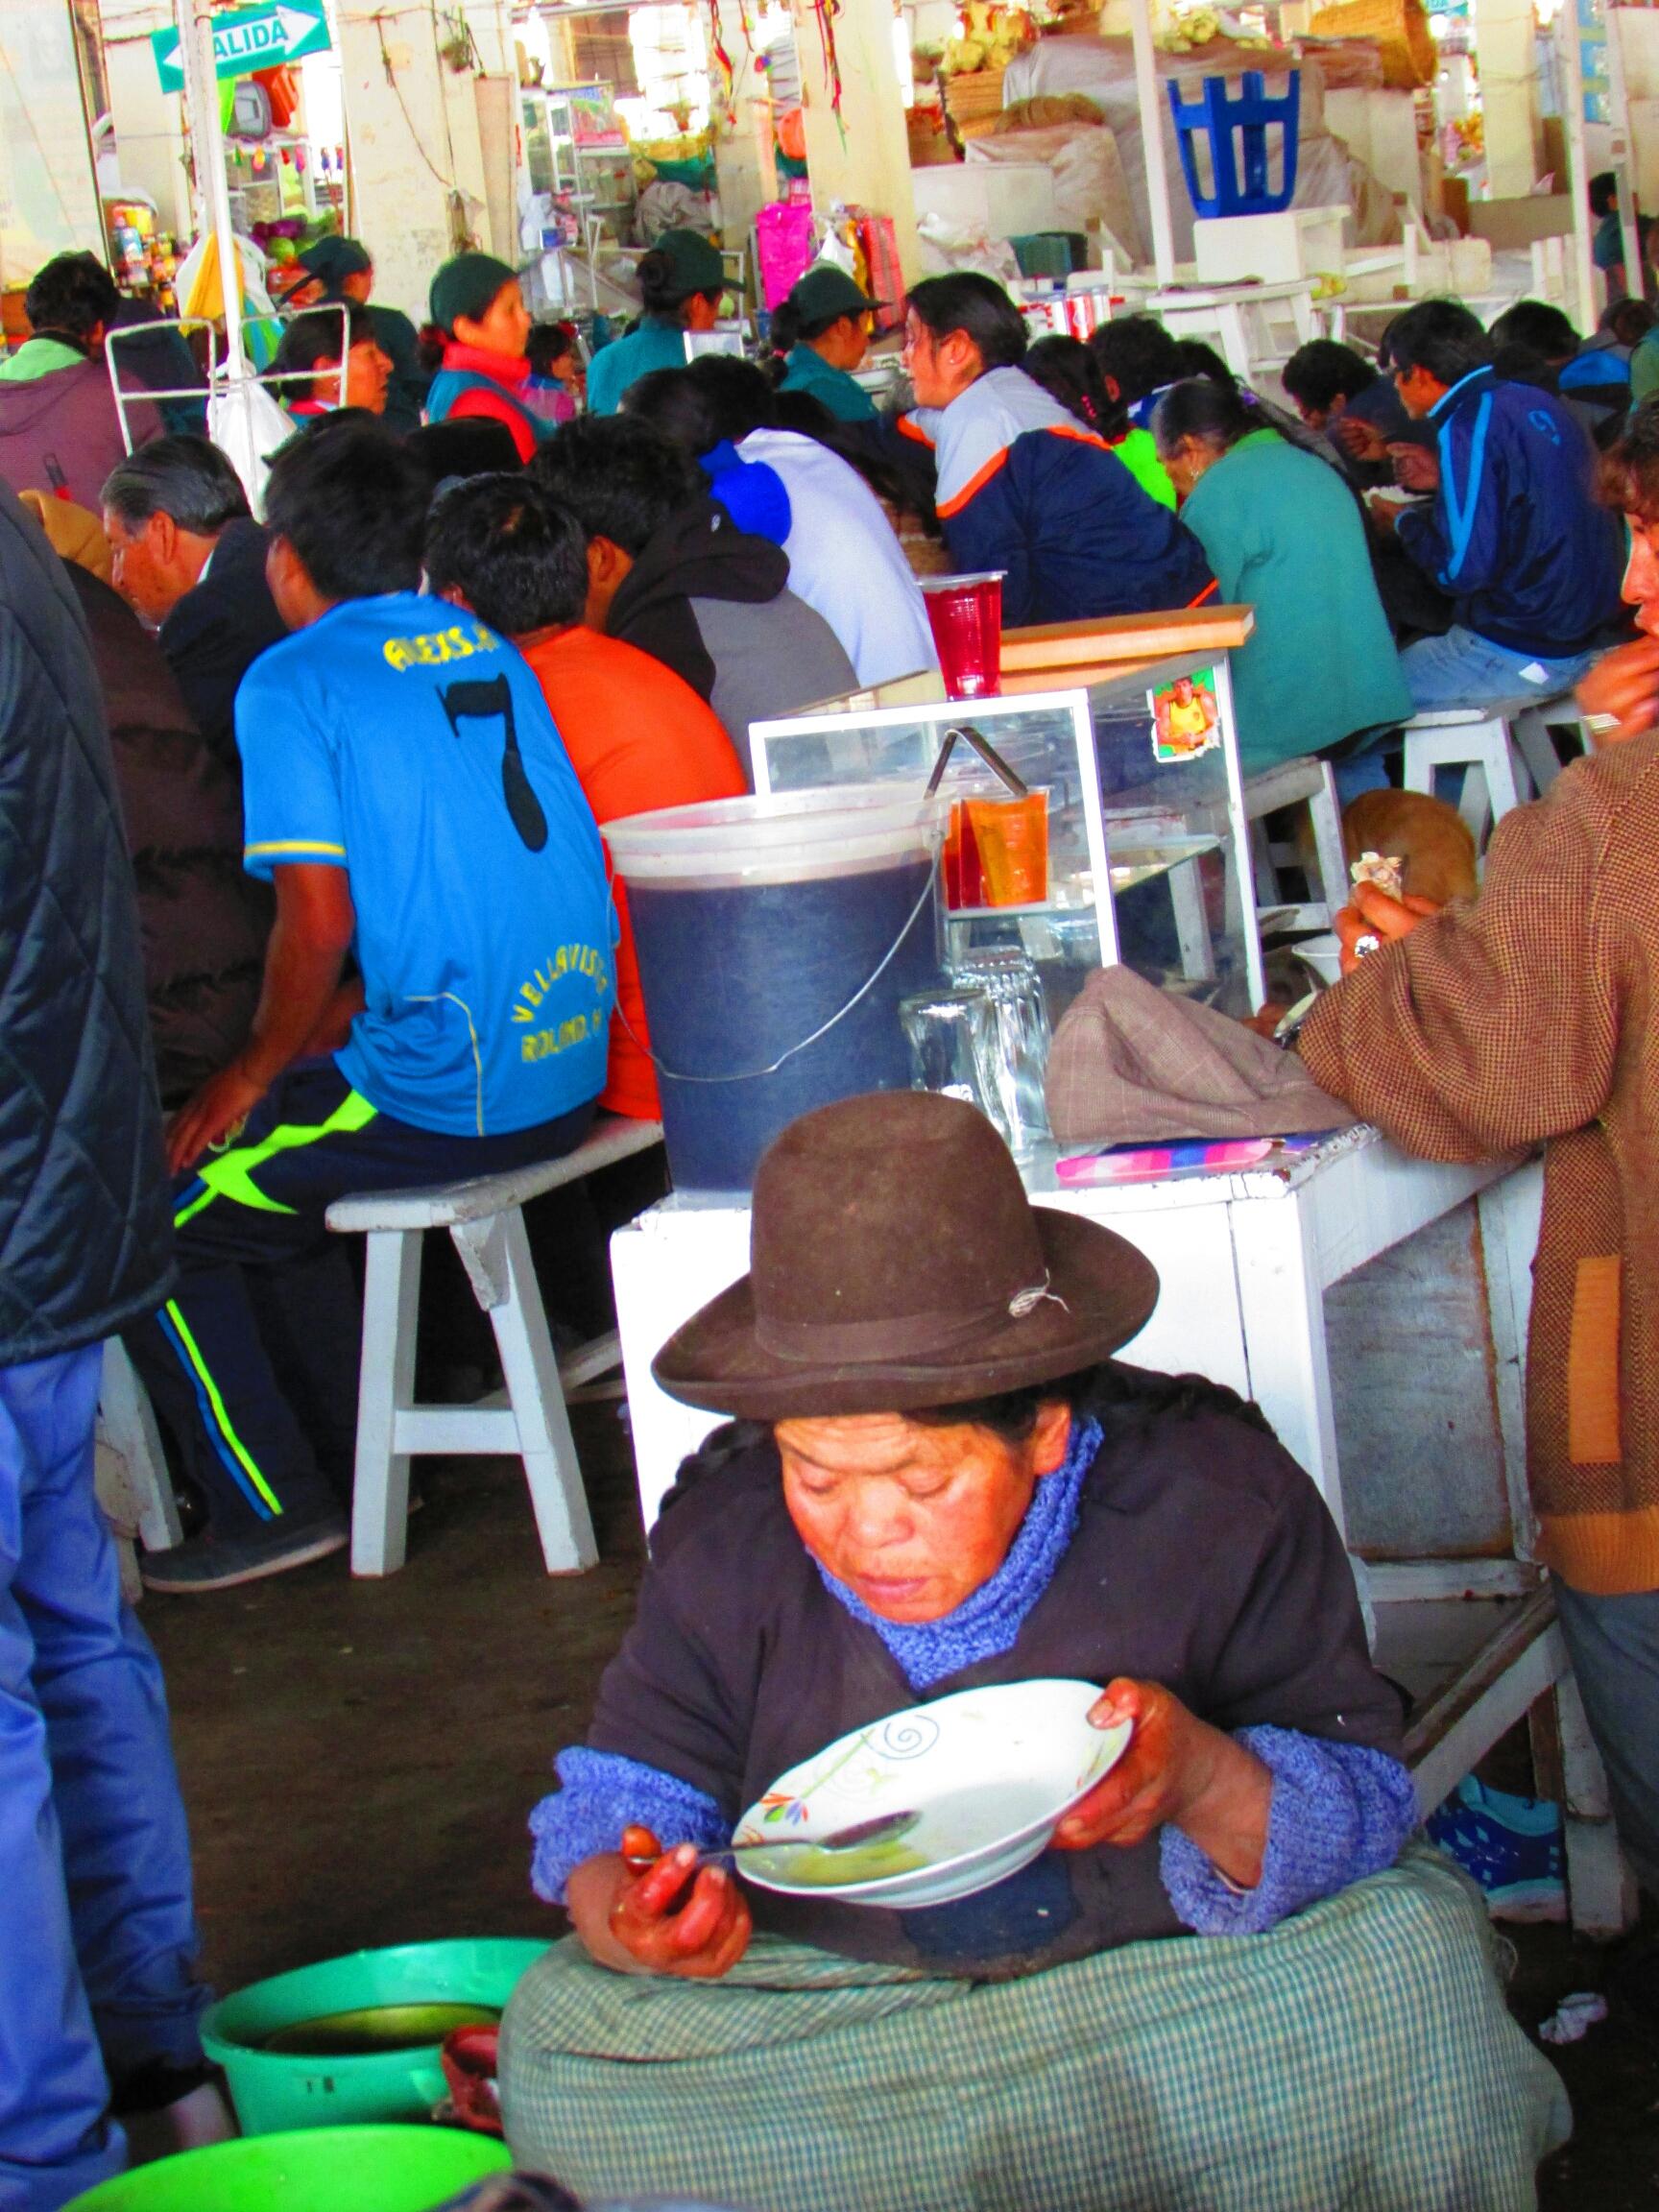 mujer peruana comiendo sentada en el suelo en Mercado de San Pedro en Cuzco